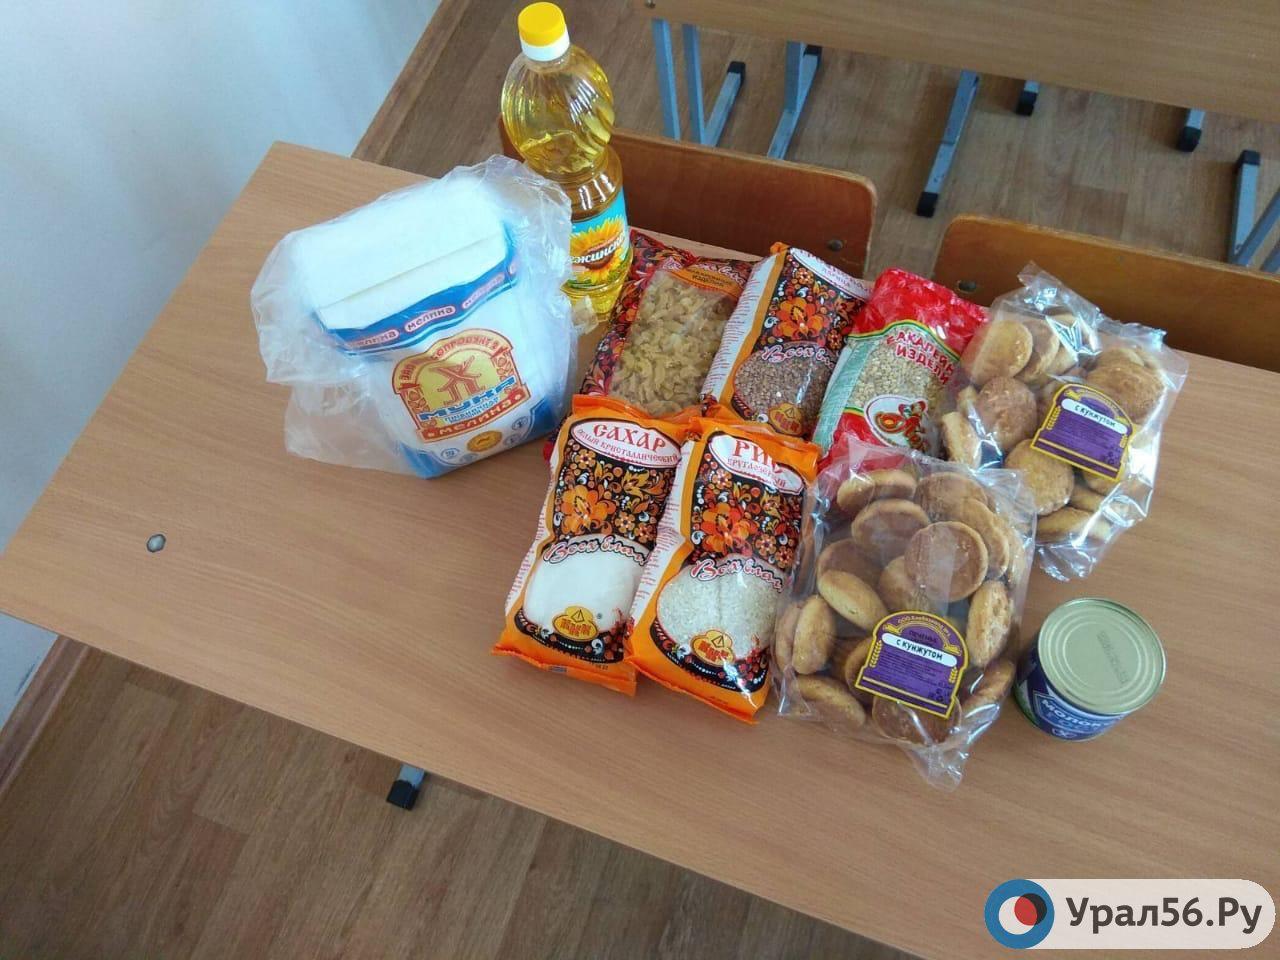 В Оренбурге начали выдавать продуктовые наборы для школьников (фото)